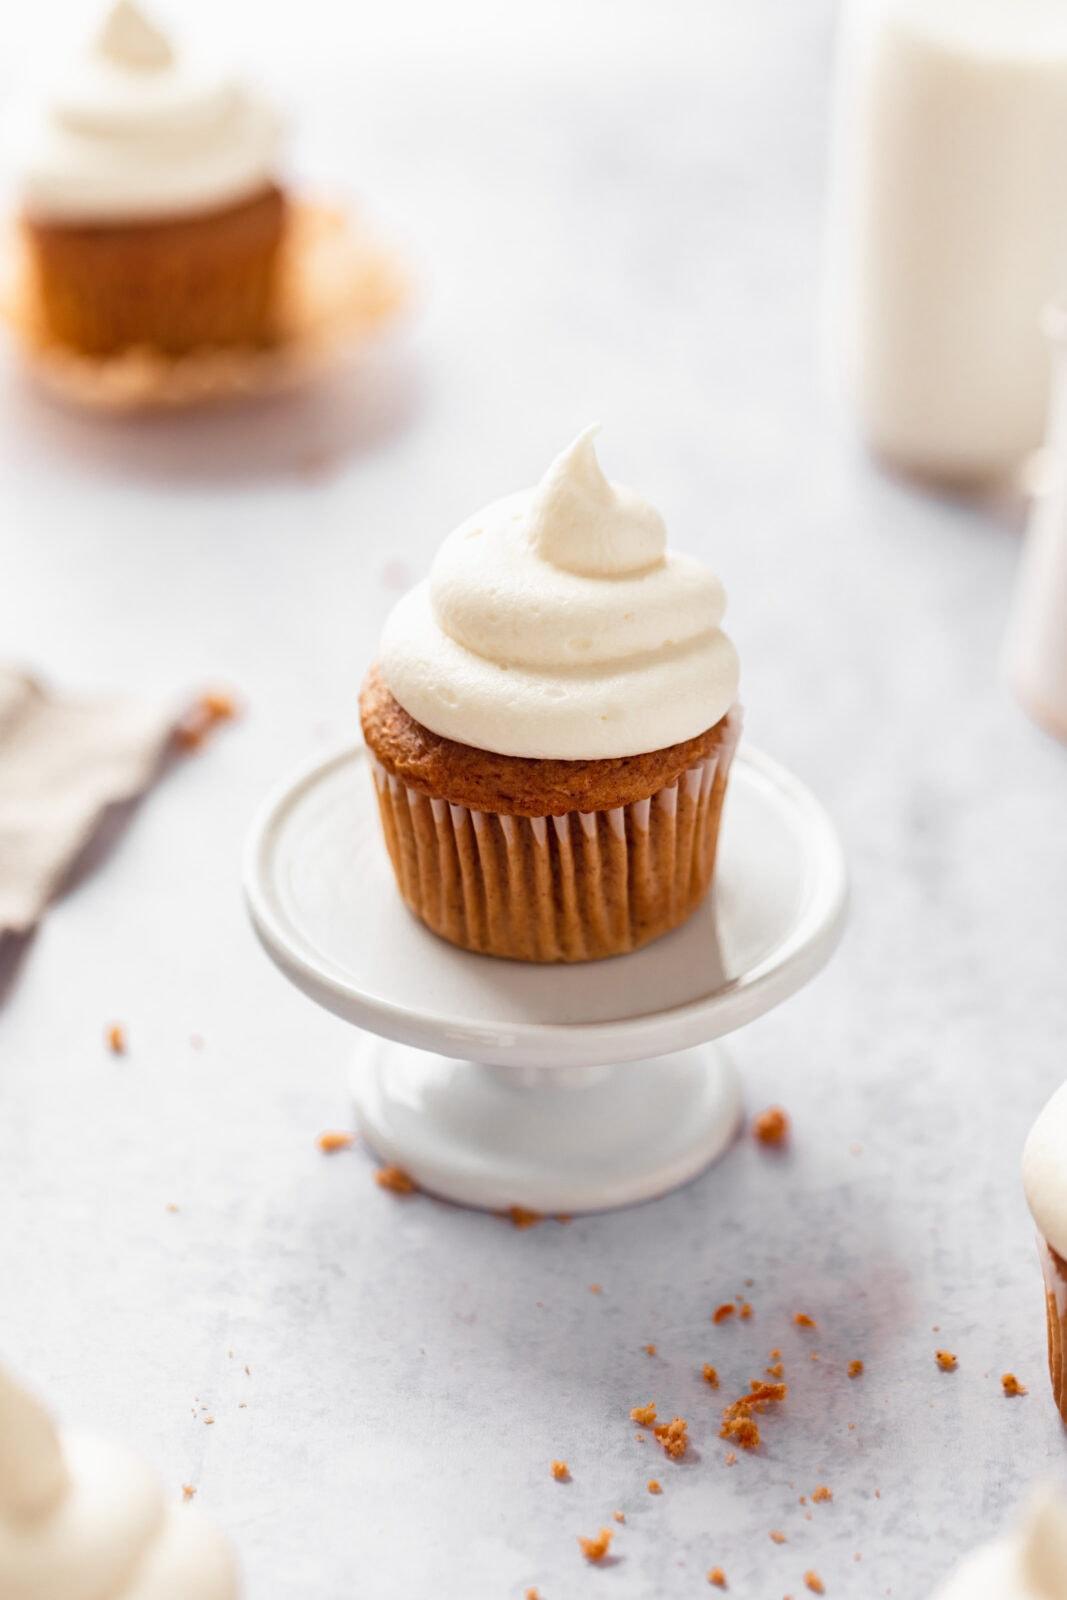 homemade carrot cake cupcake on a cupcake stand